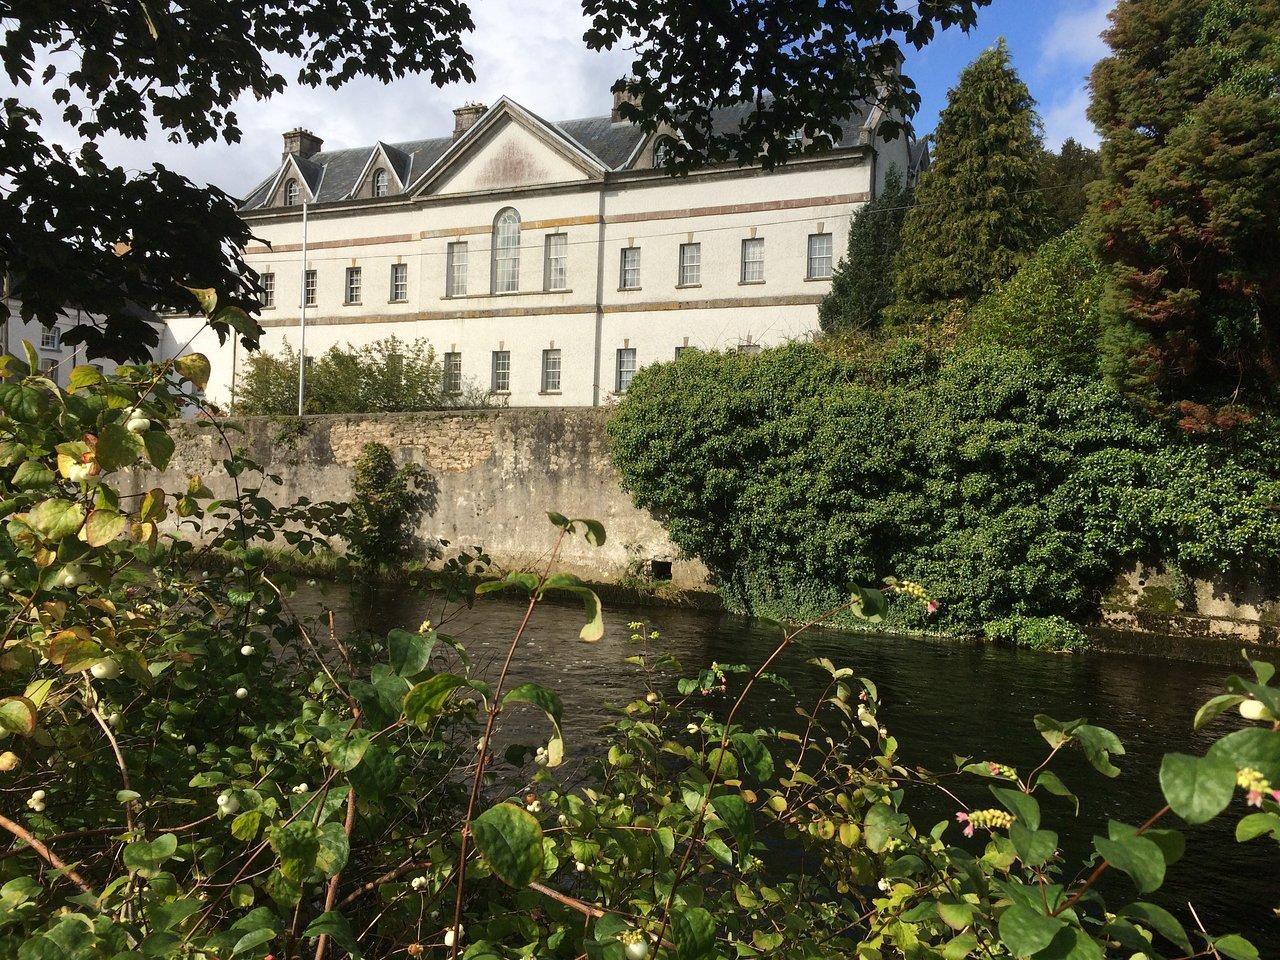 Castle Hotels Ireland, Hotels in Roscommon | Kilronan Castle